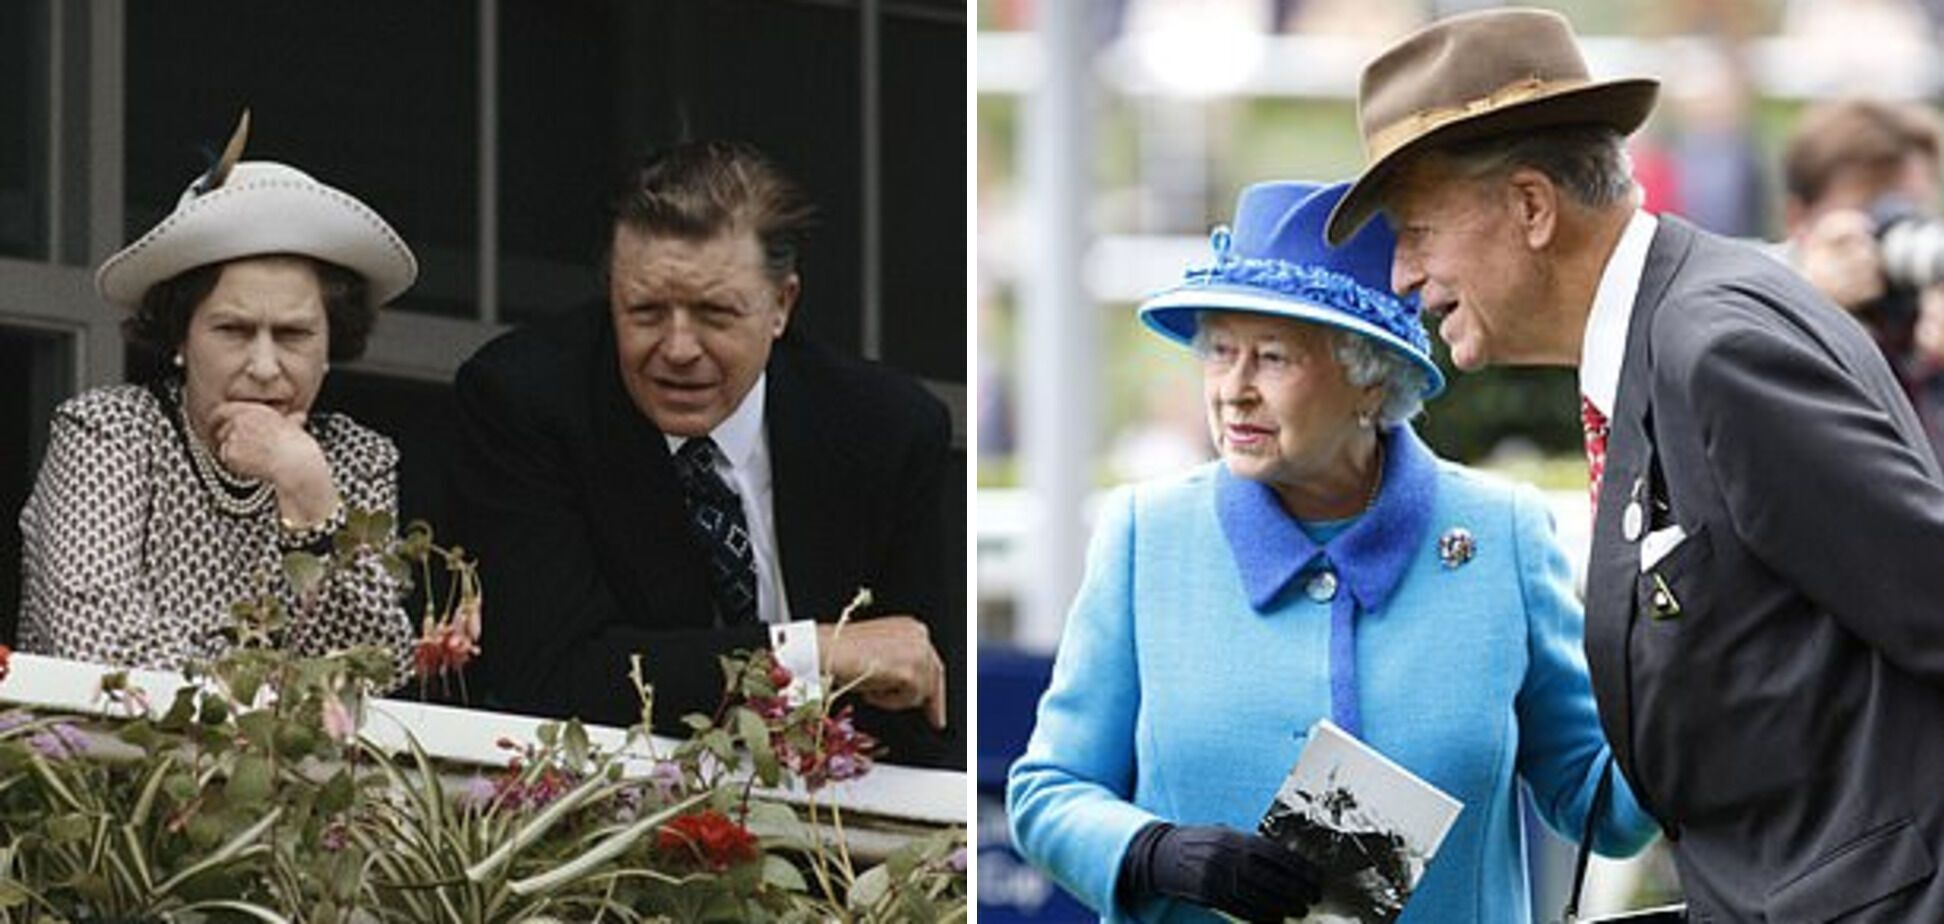 Королева Єлизавета II і сер Майкл Освальд